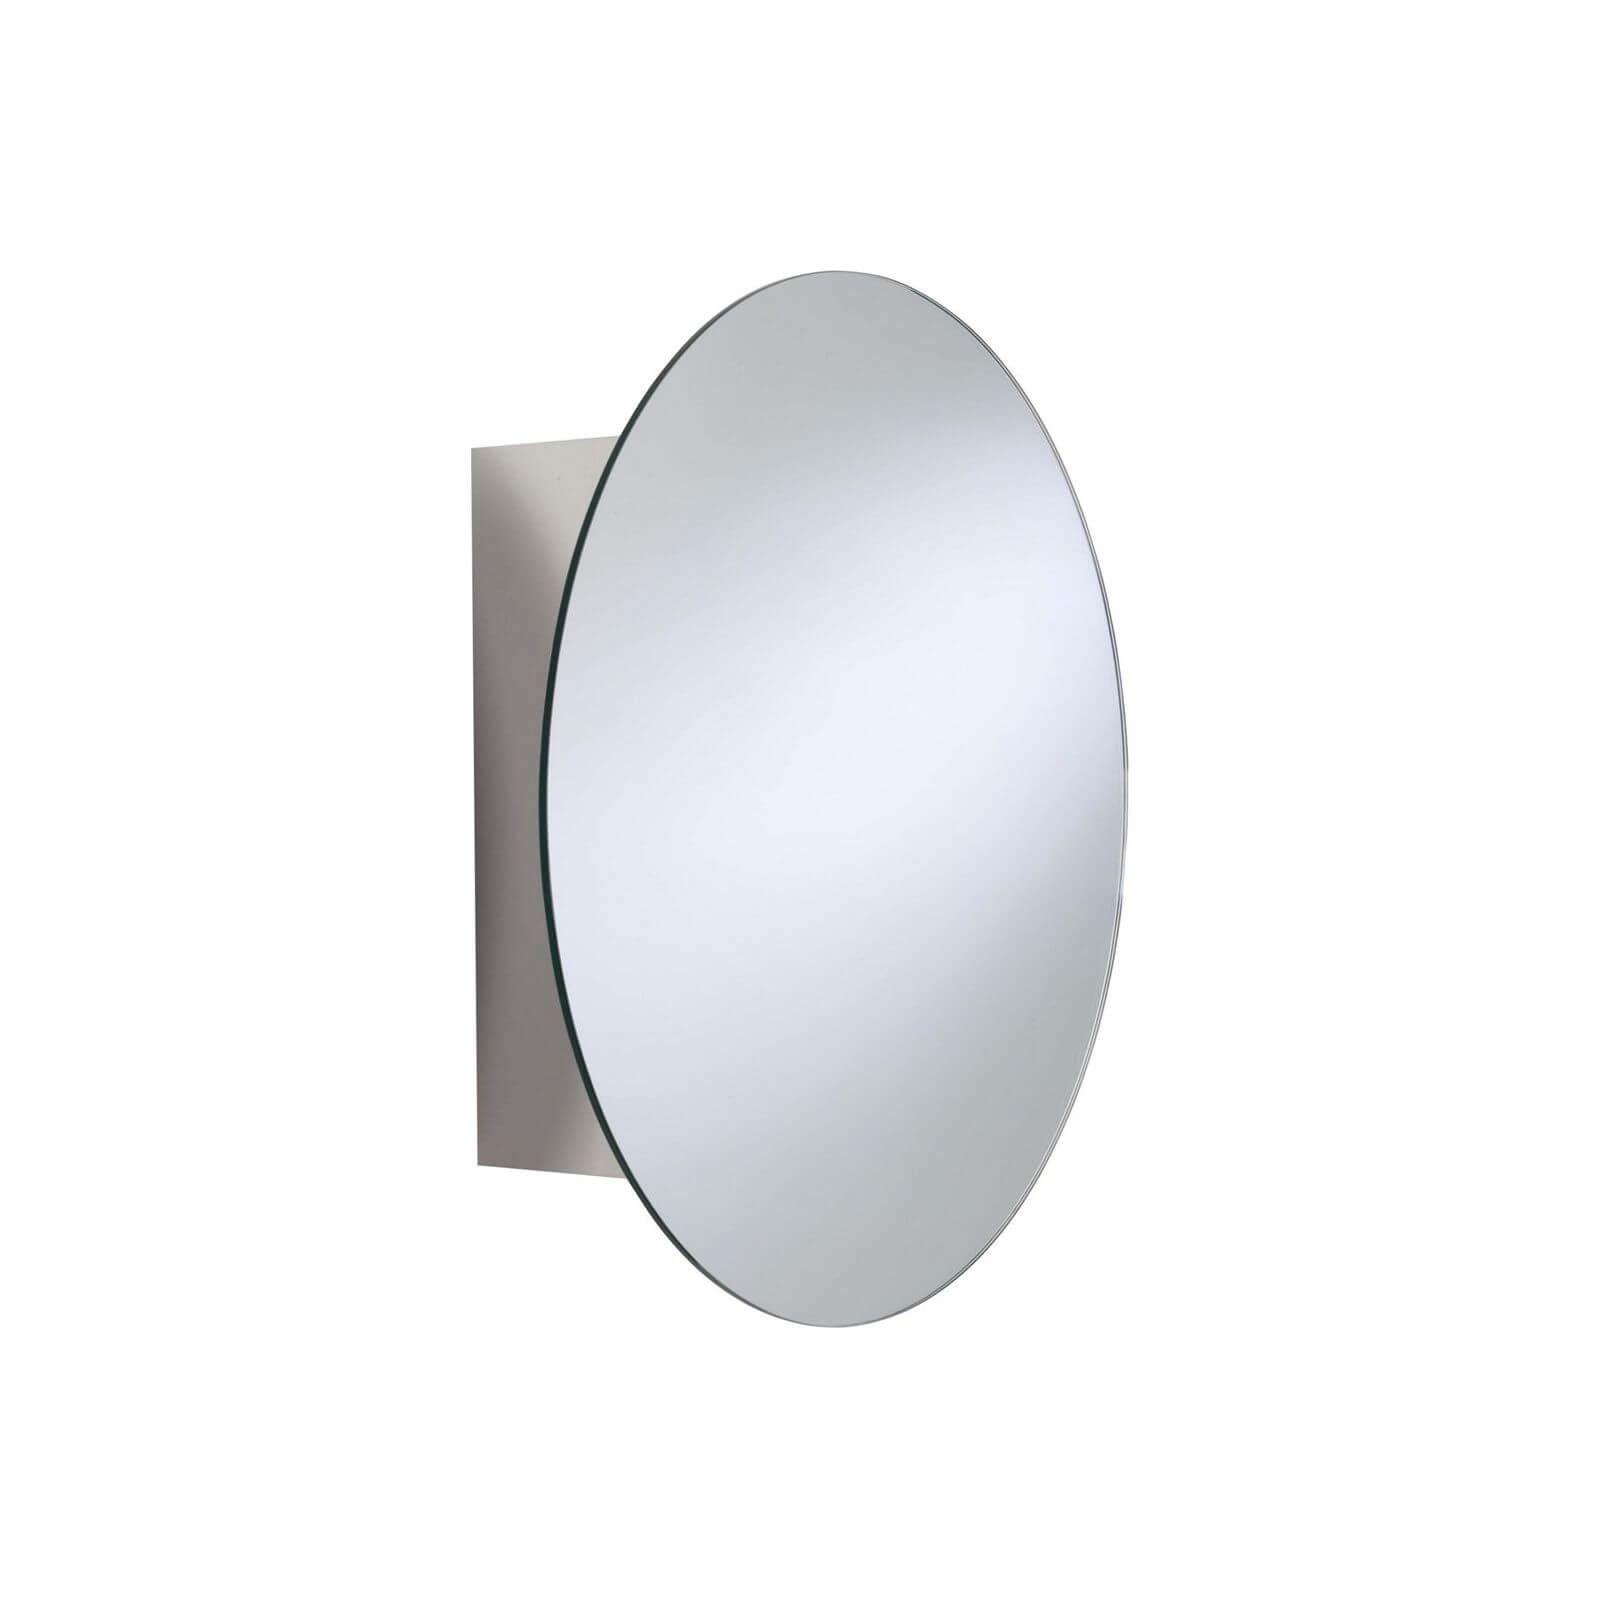 Croydex Missouri Round Mirror Door Cabinet Stainless Steel Homebase